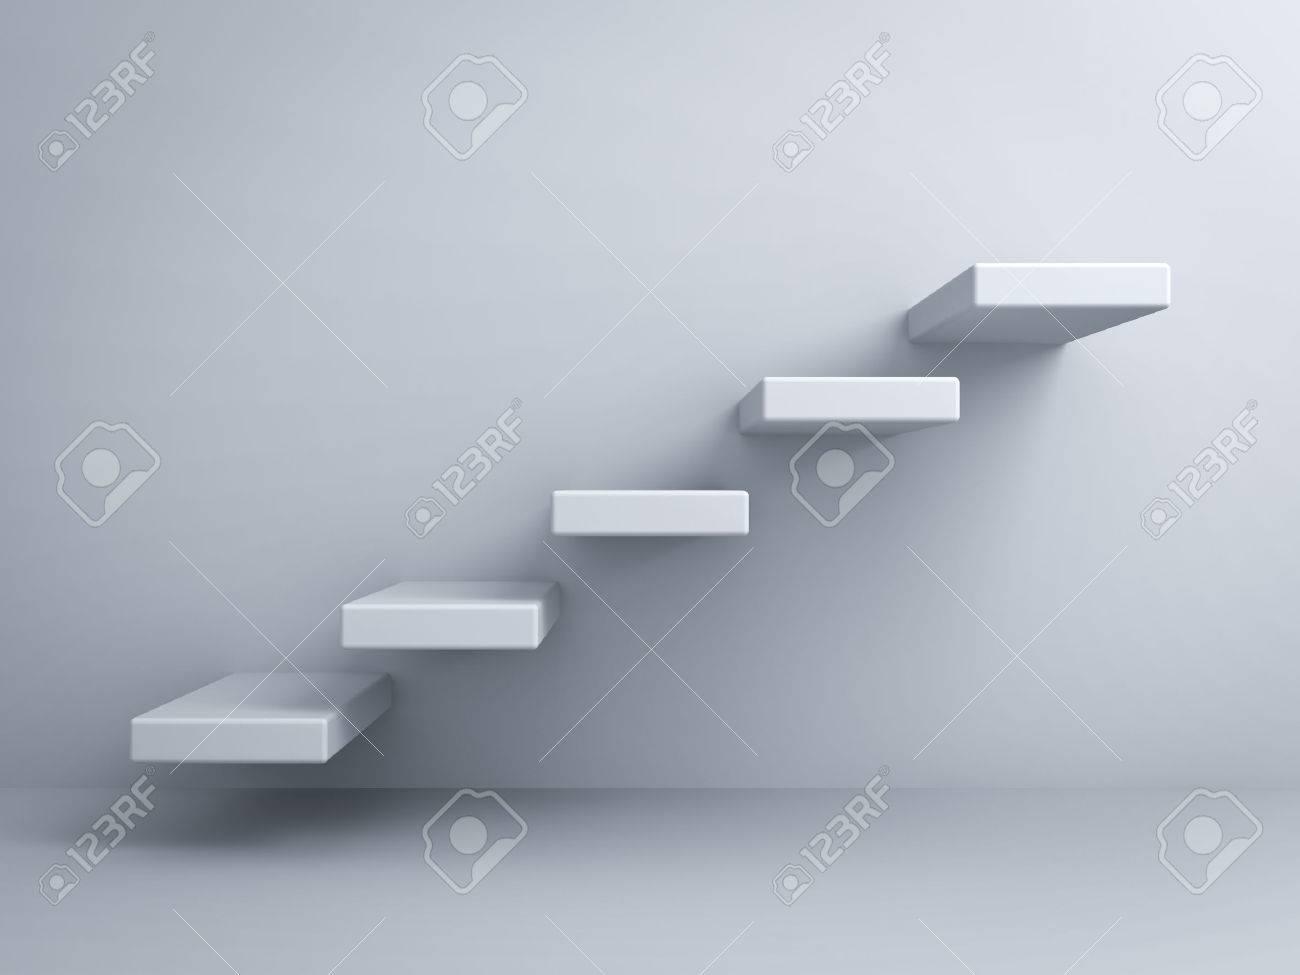 Escaliers abstraits ou pas le concept sur fond de mur blanc Banque d'images - 26594571